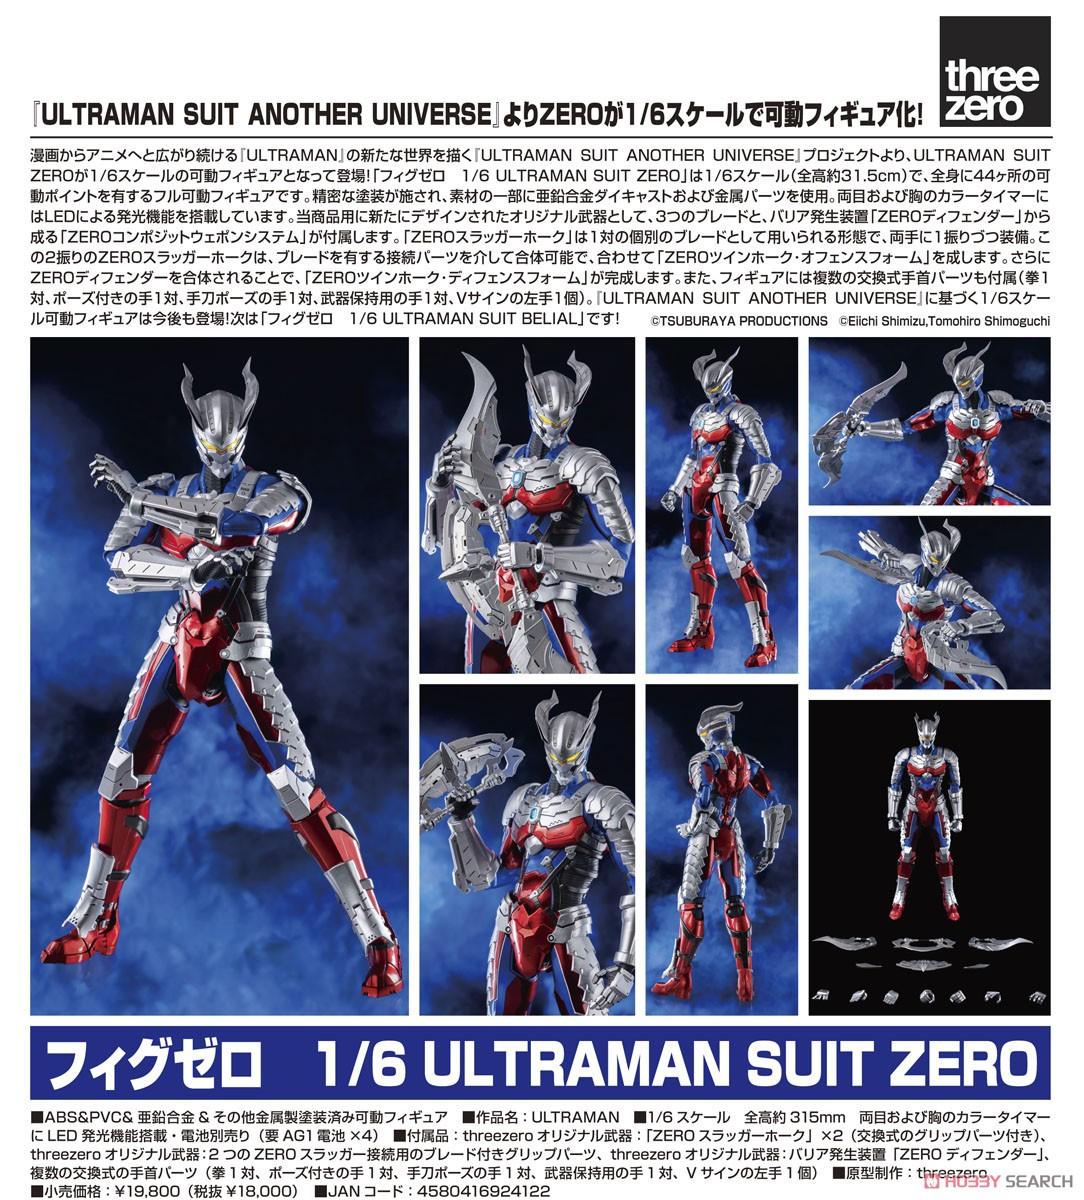 フィグゼロ 『ULTRAMAN SUIT ZERO/ウルトラマンスーツ ゼロ』1/6 可動フィギュア-011